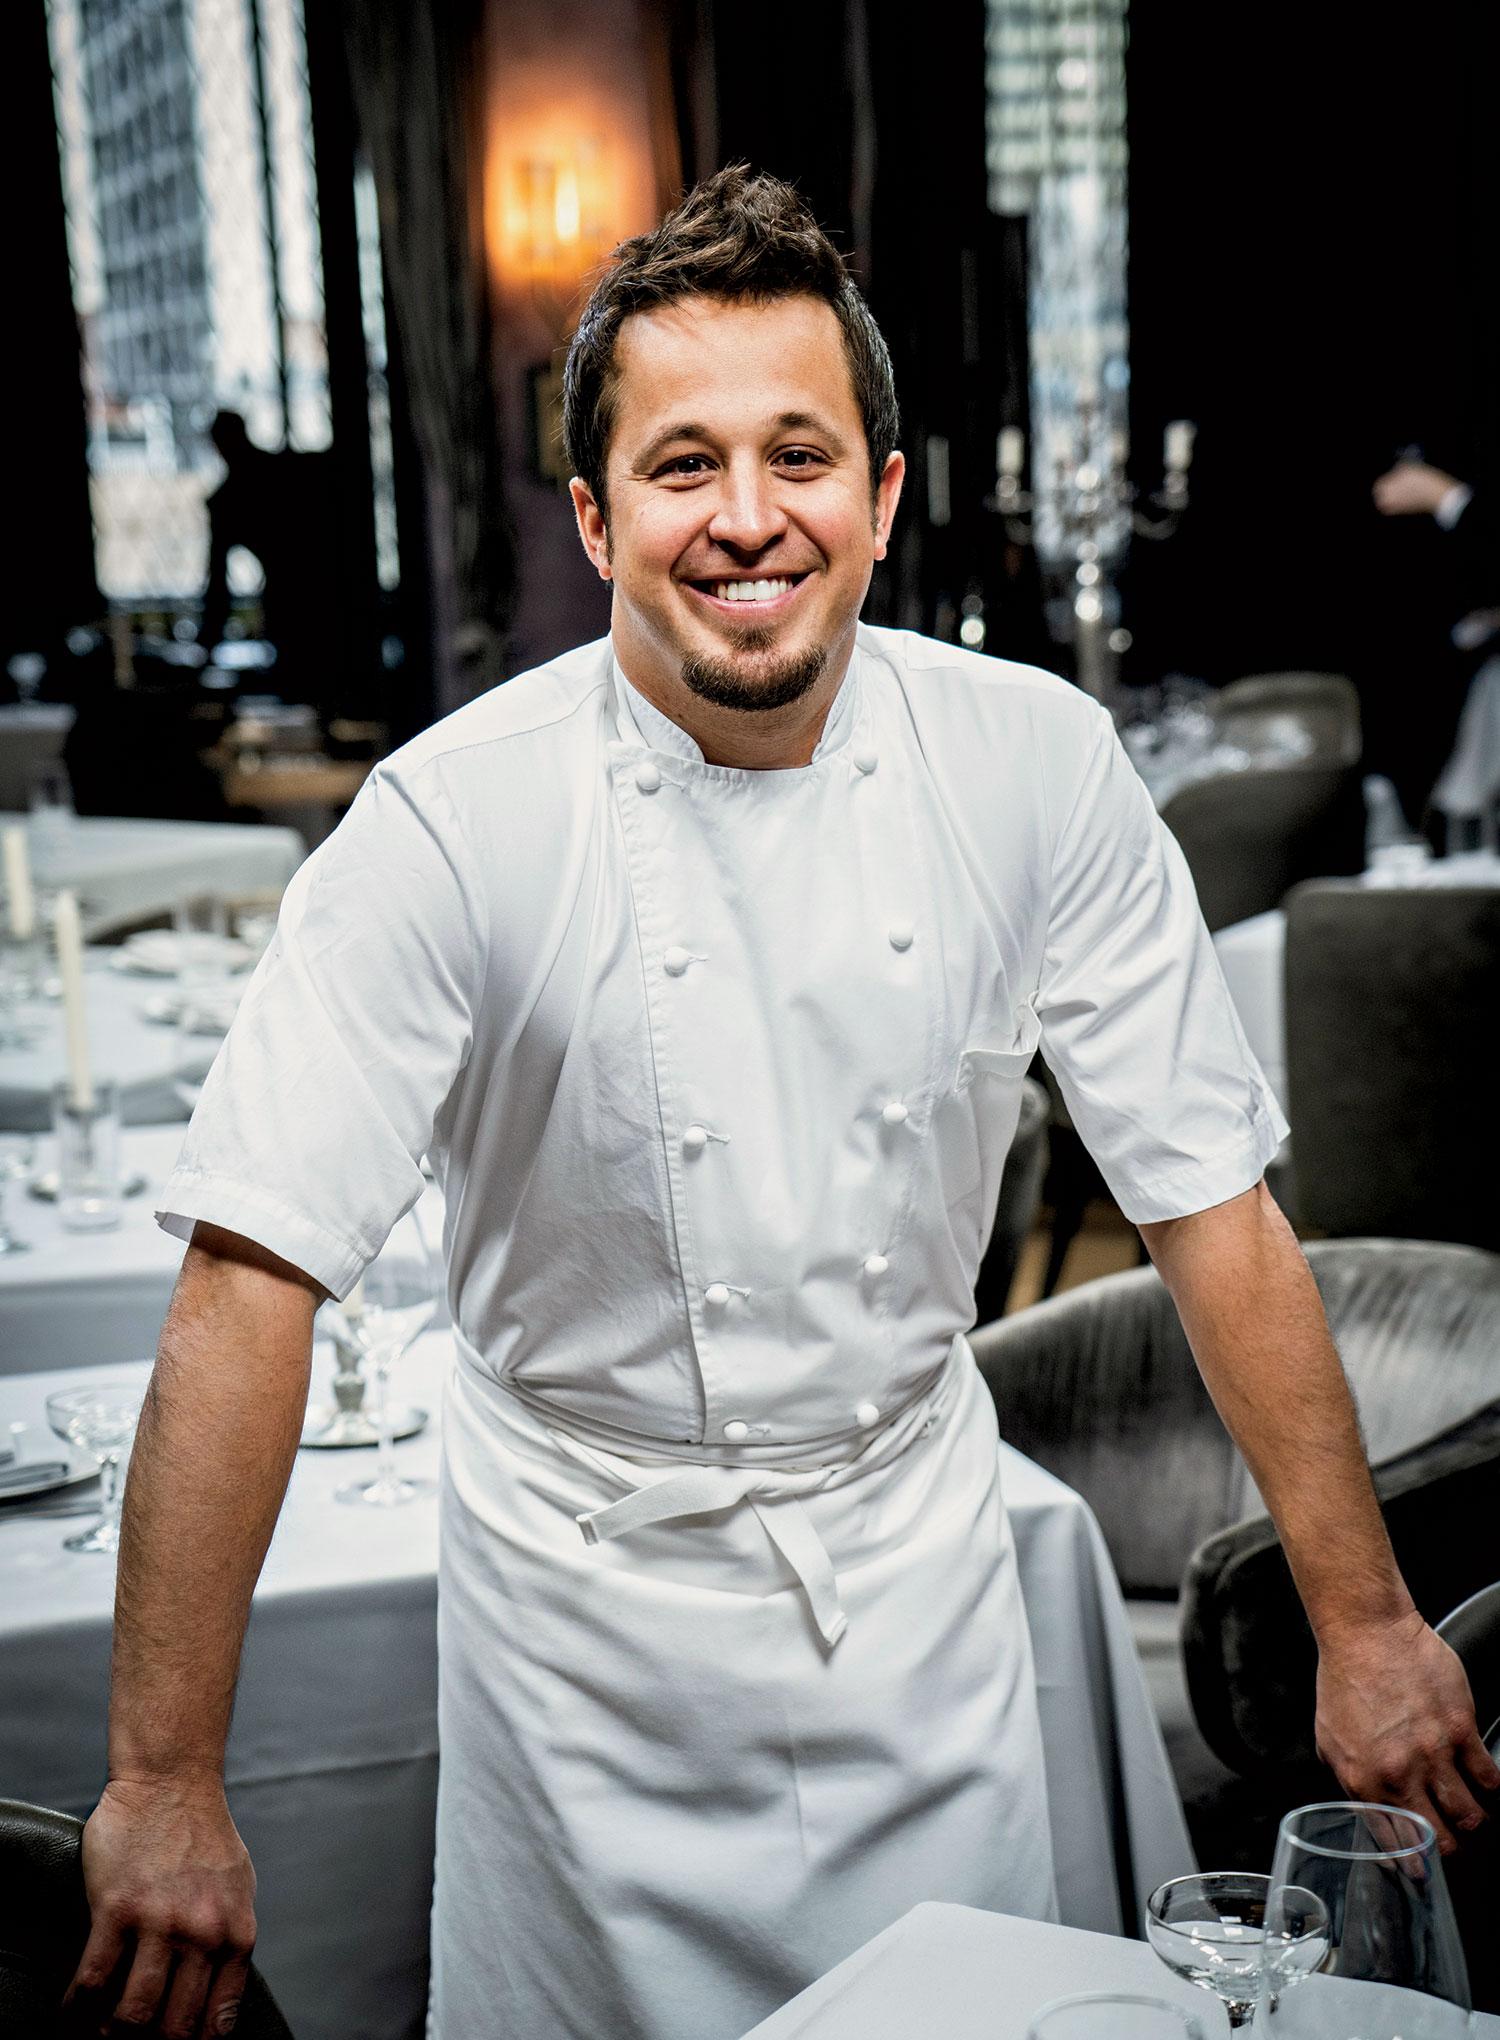 Chef Danny Grant of Maple & Ash; photo courtesy Maple & Ash